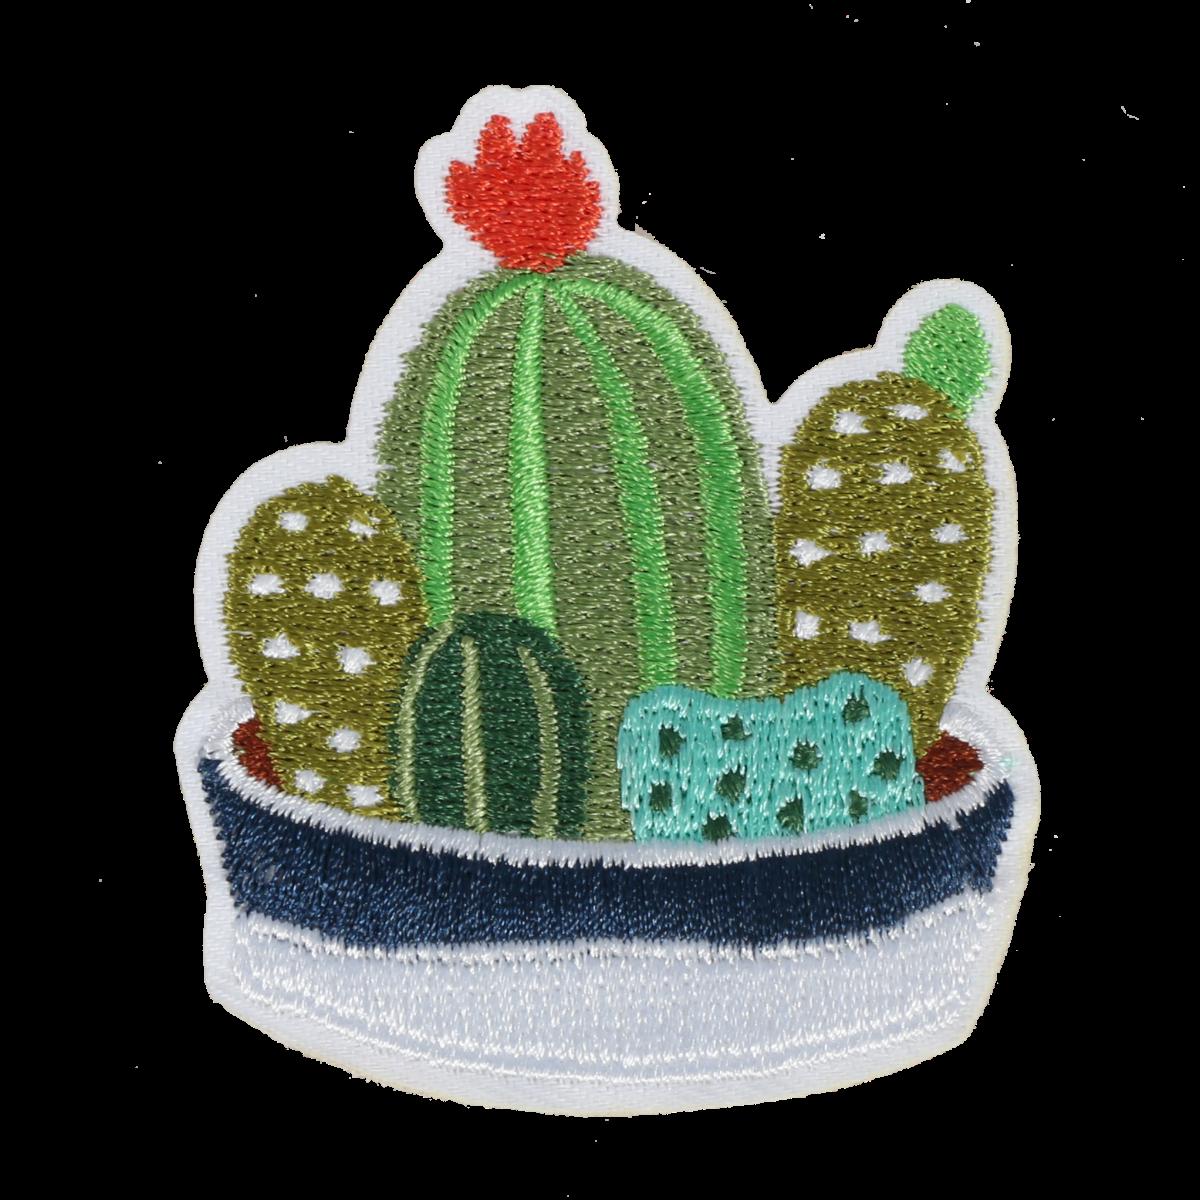 M0087 Cactus Family 5.6x6.7cm